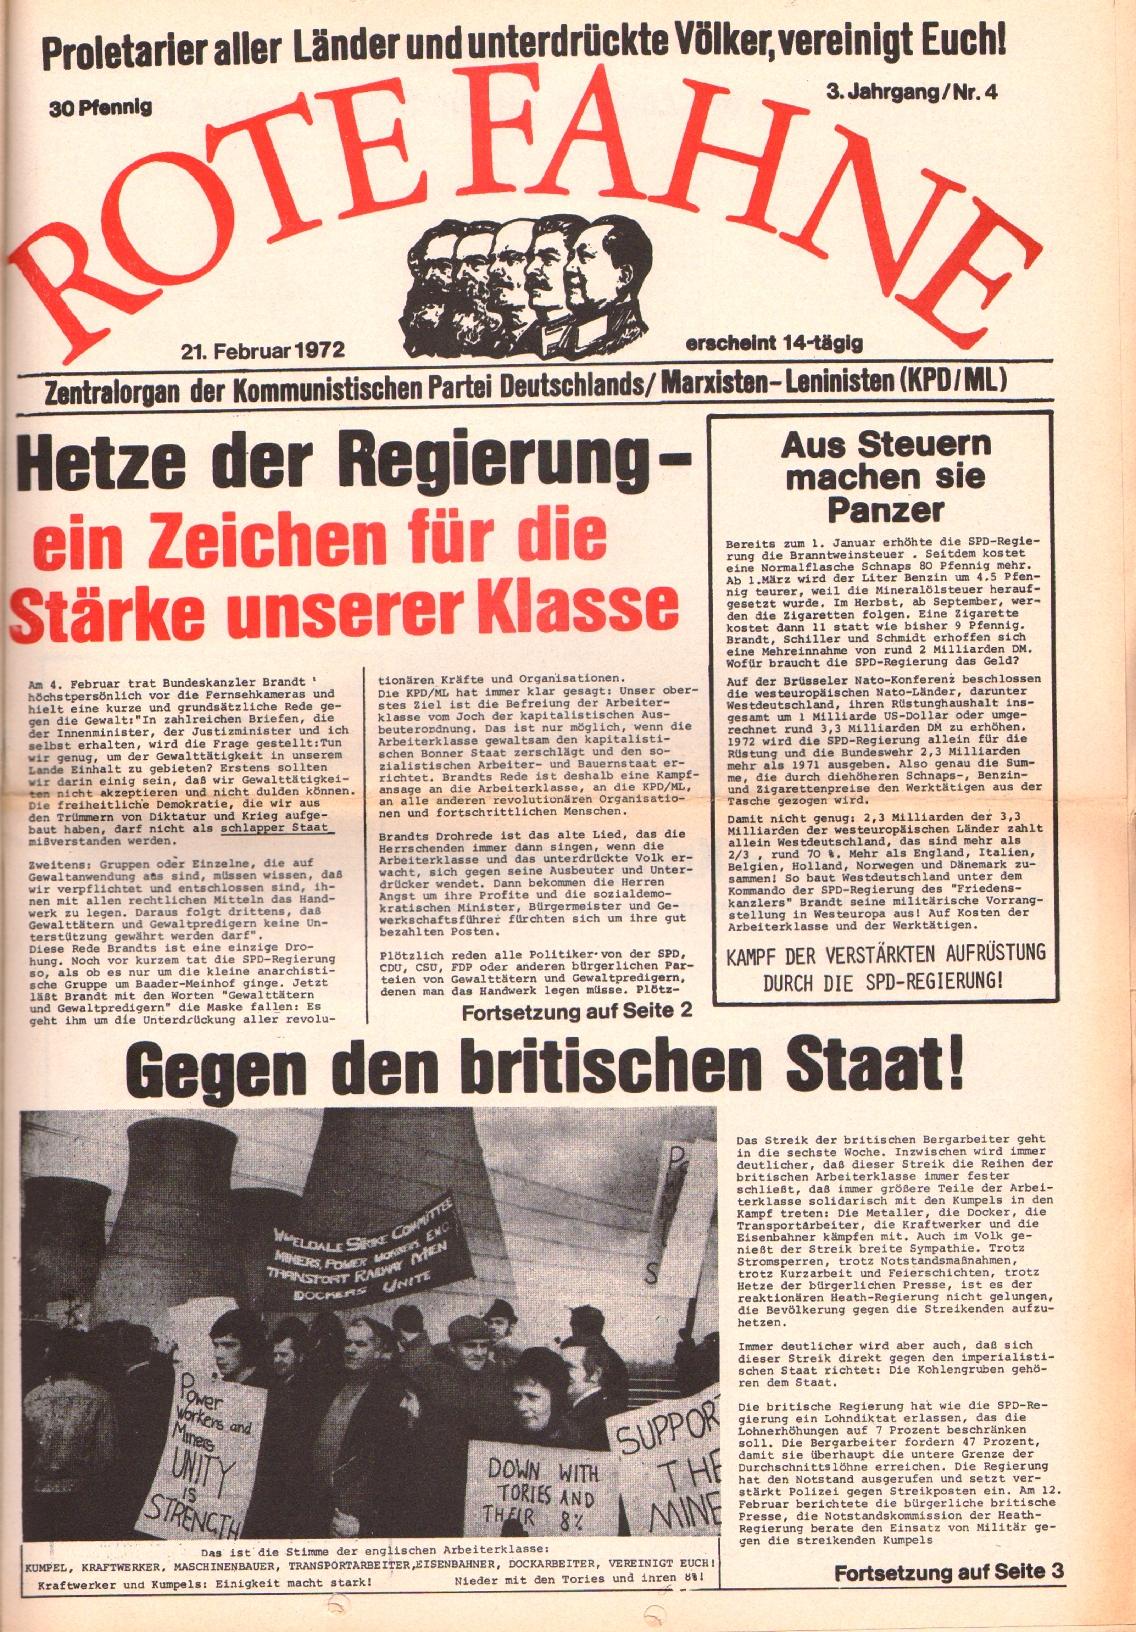 Rote Fahne, 3. Jg., 21.2.1972, Nr. 4, Seite 1